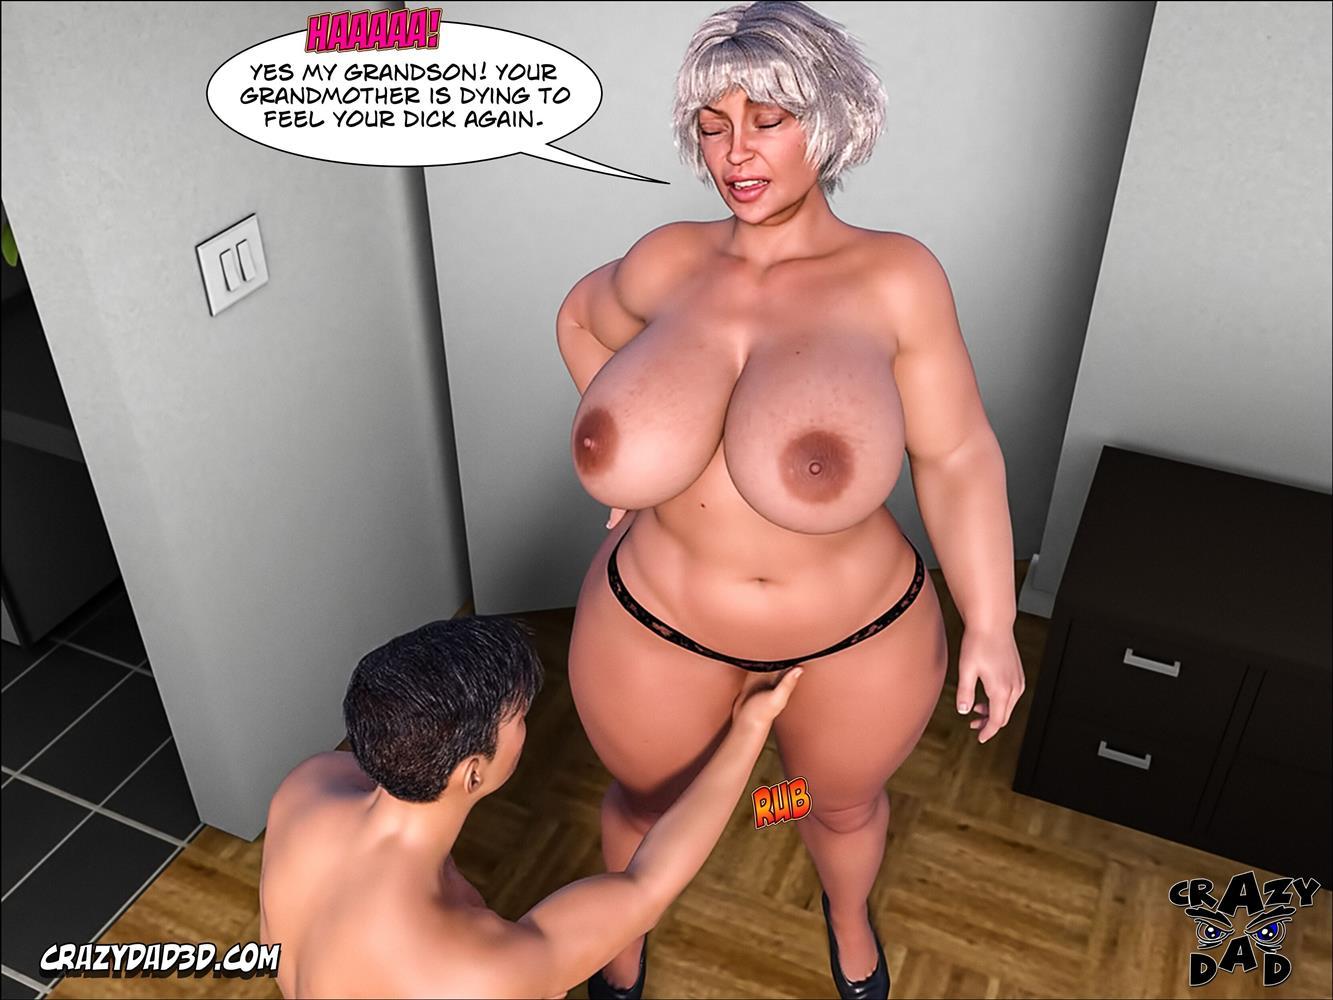 Daddy Crazy Desire 5 [Crazy Dad 3D] - Foto 56